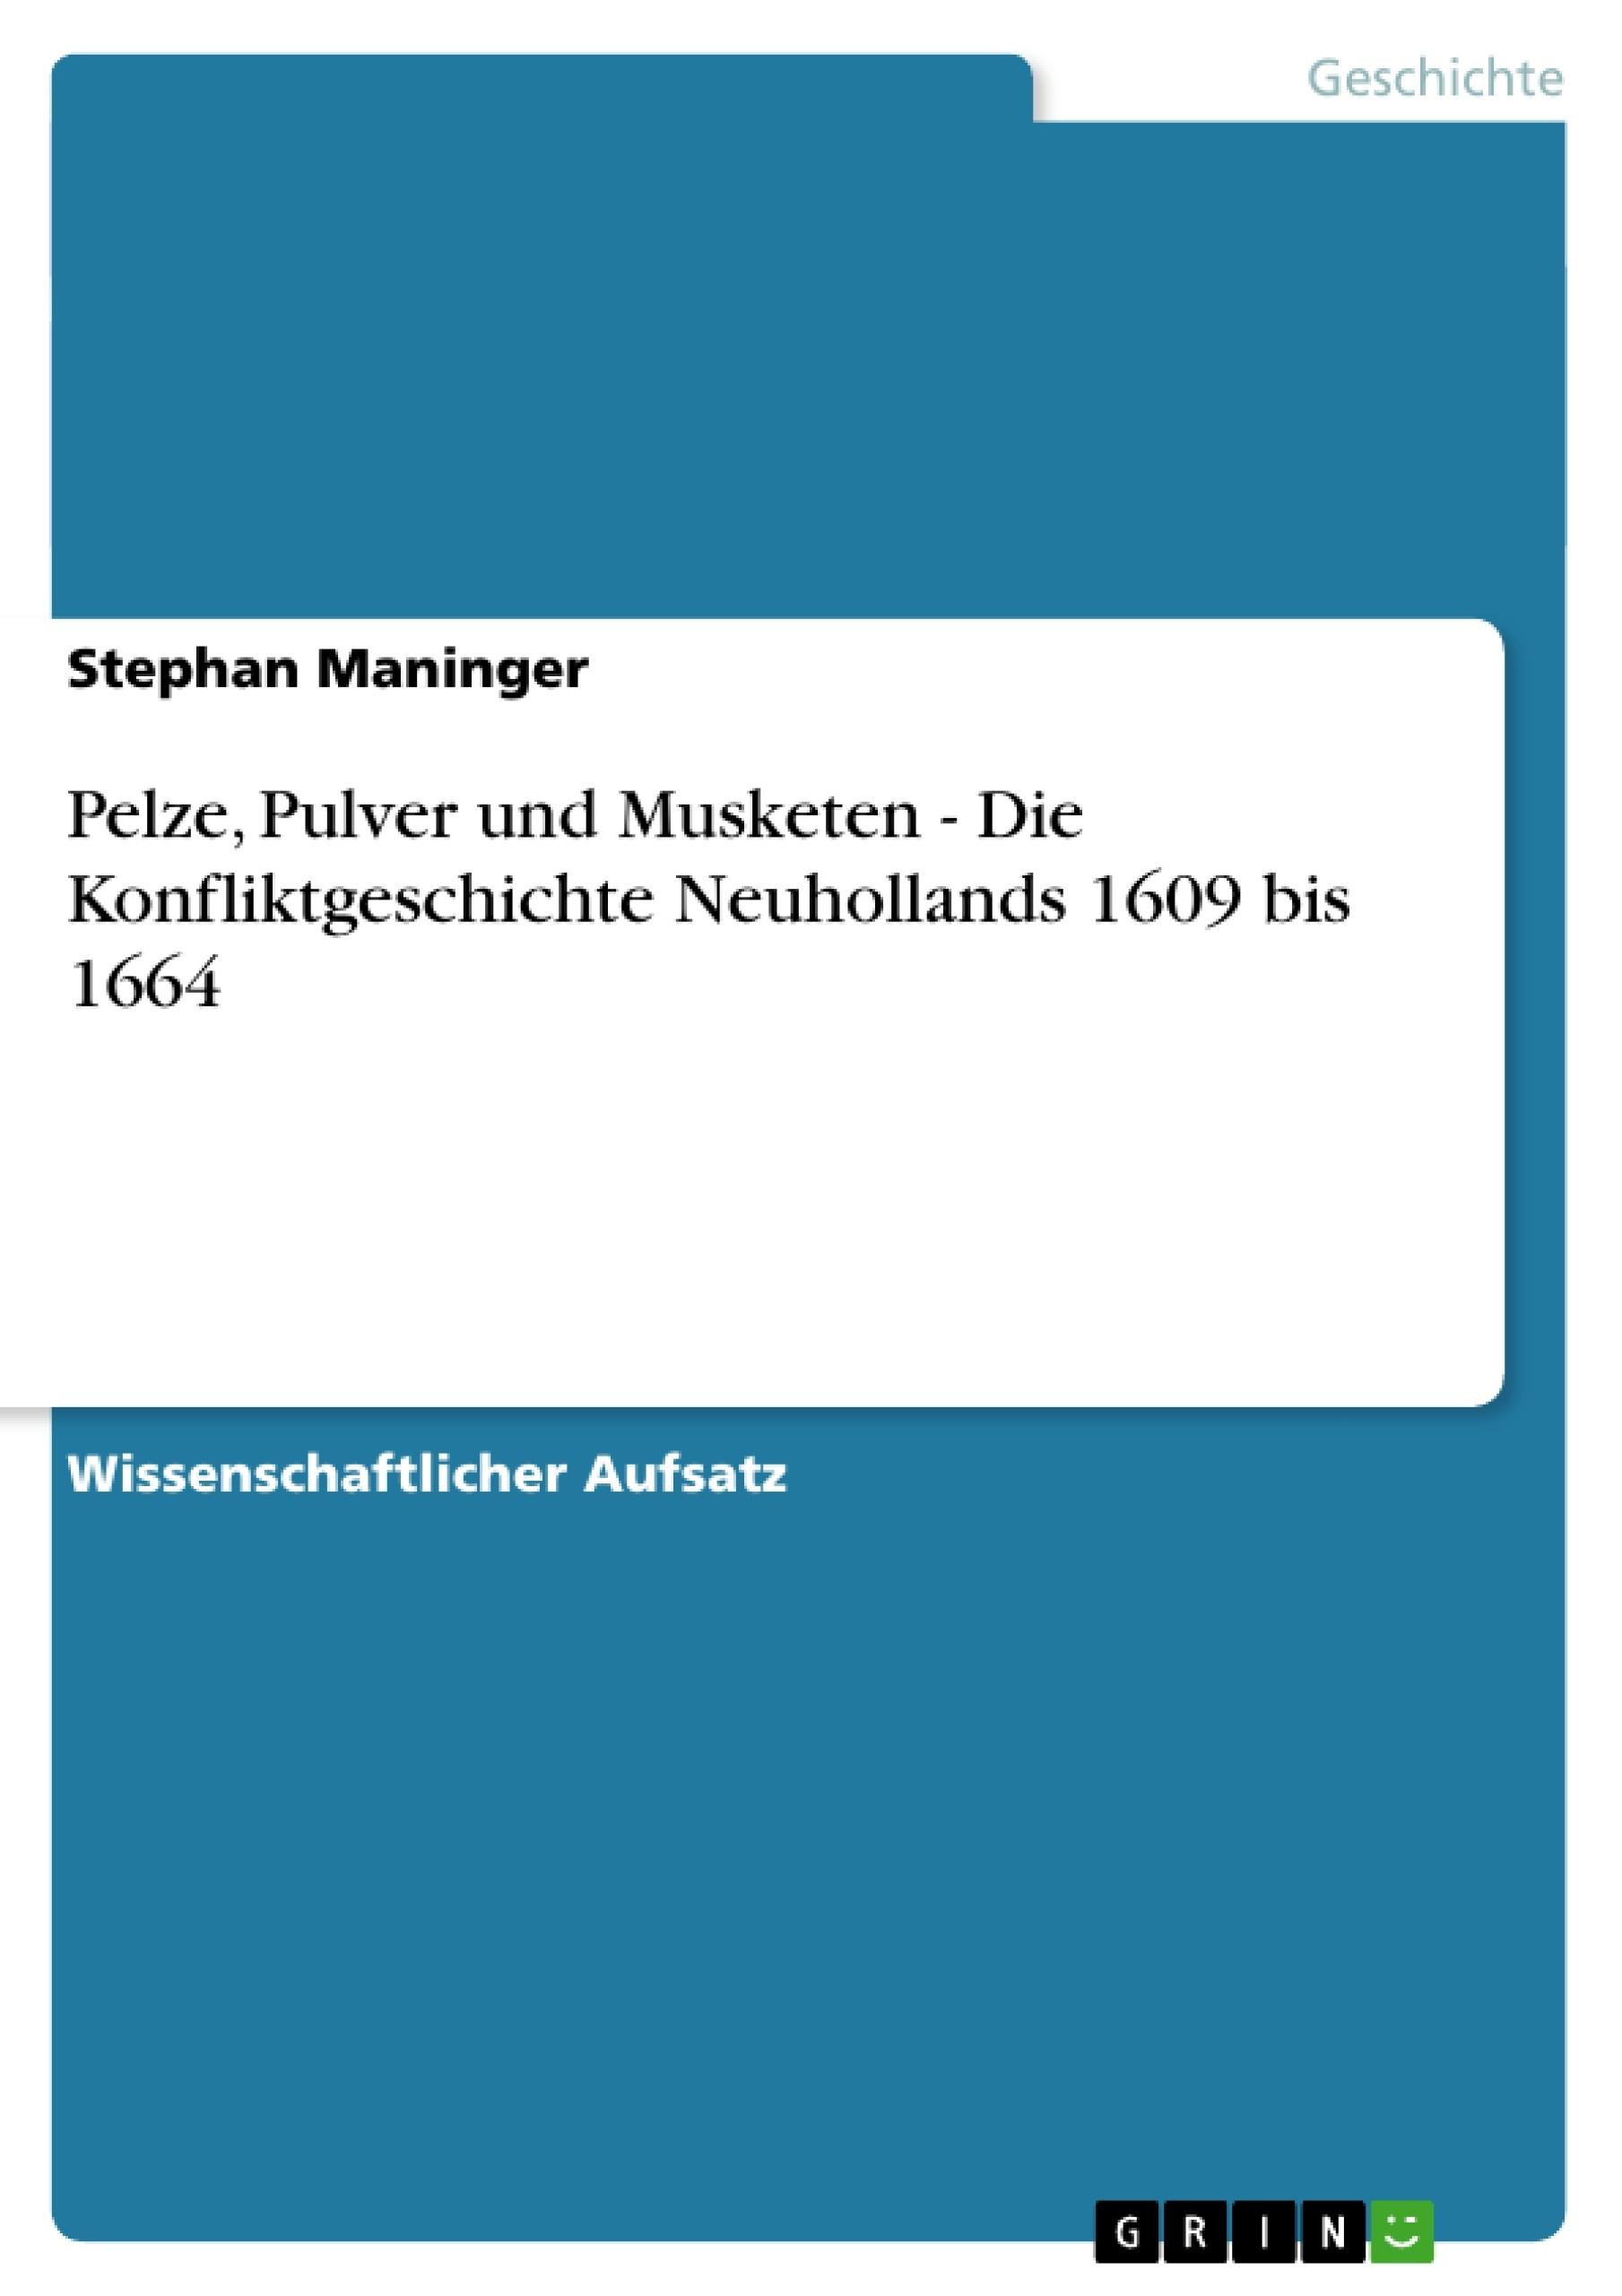 Titel: Pelze, Pulver und Musketen - Die Konfliktgeschichte Neuhollands 1609 bis 1664